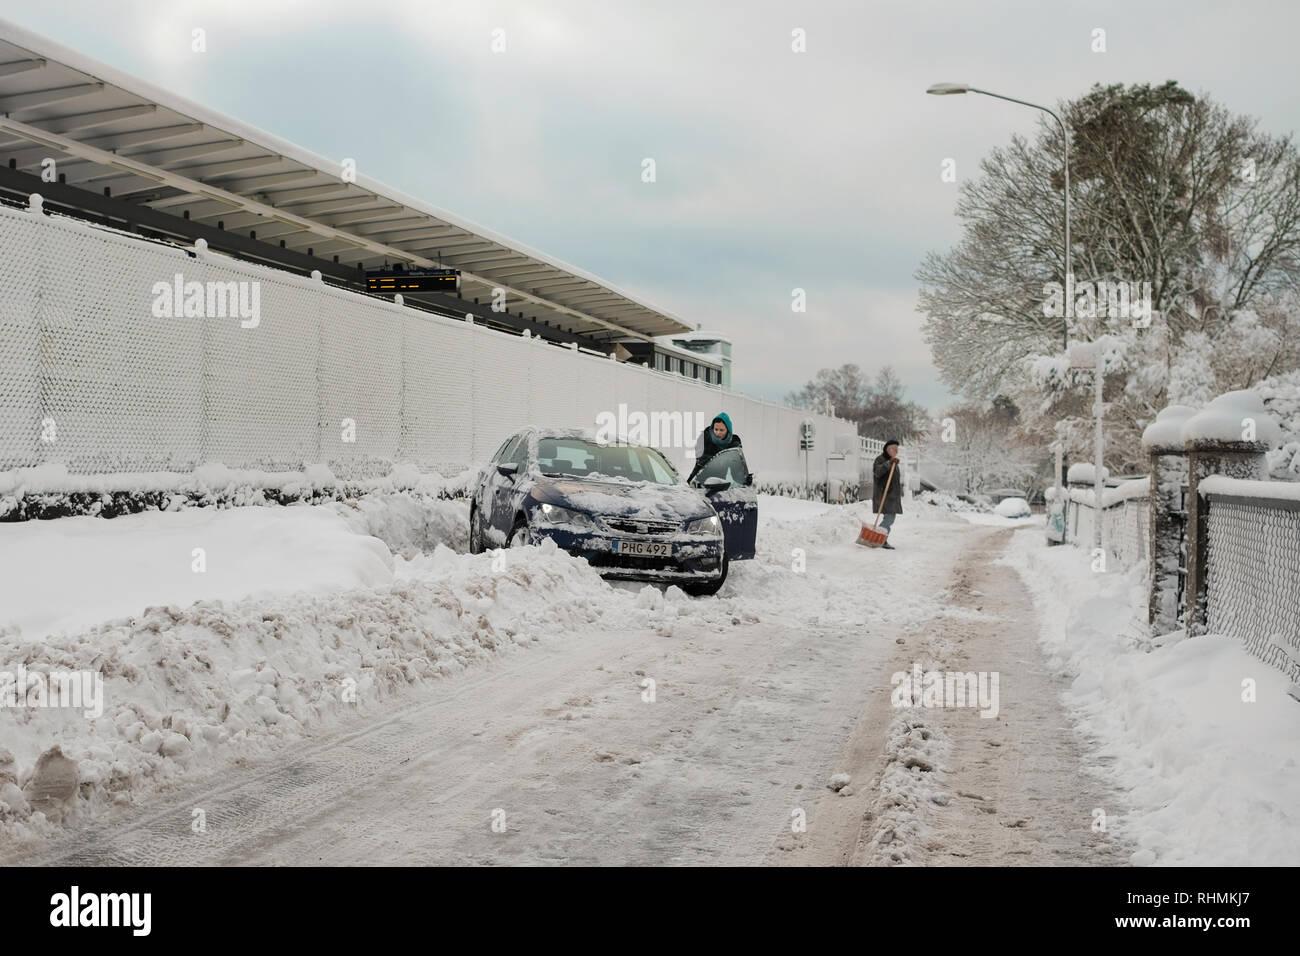 Vinter i förorten / Winter in the suburb - Stock Image